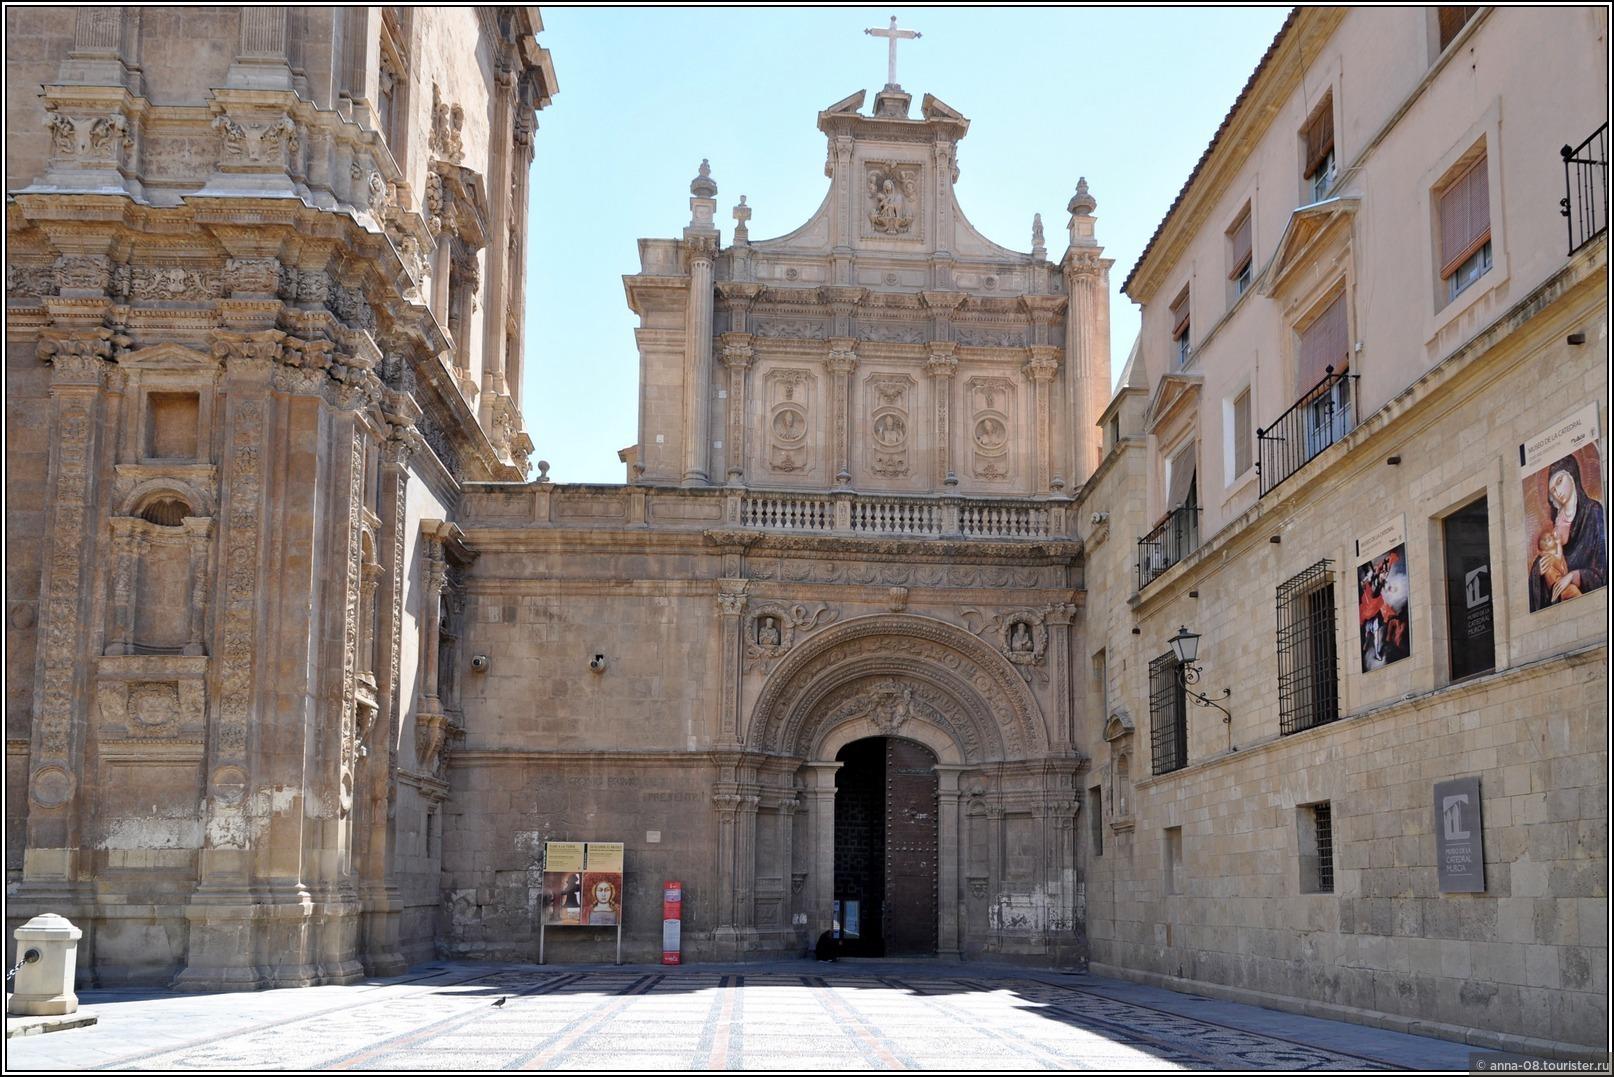 Купить, недвижимость, в Торревьехе, недорого, Торревьеха, Испания, квартиру, дом, участок, виллу, аппартаменты